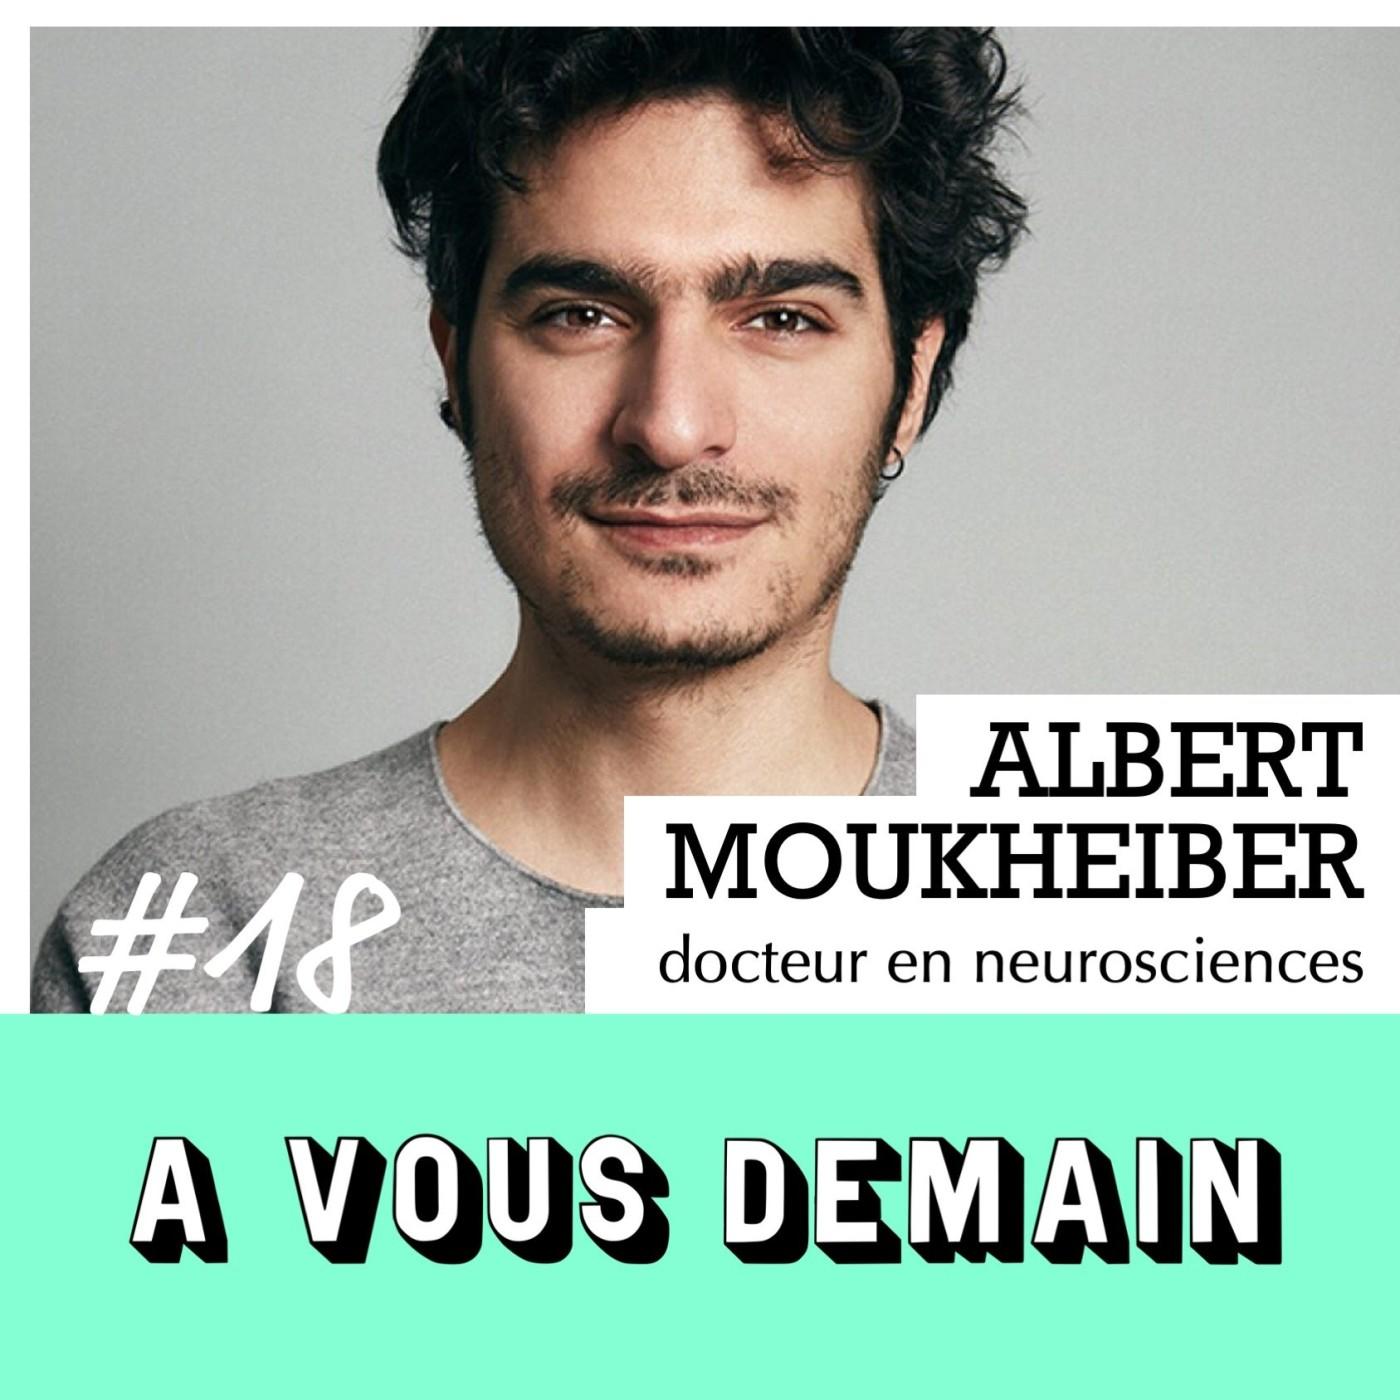 #18 l Albert Moukheiber : le docteur en neurosciences qui décode votre cerveau !